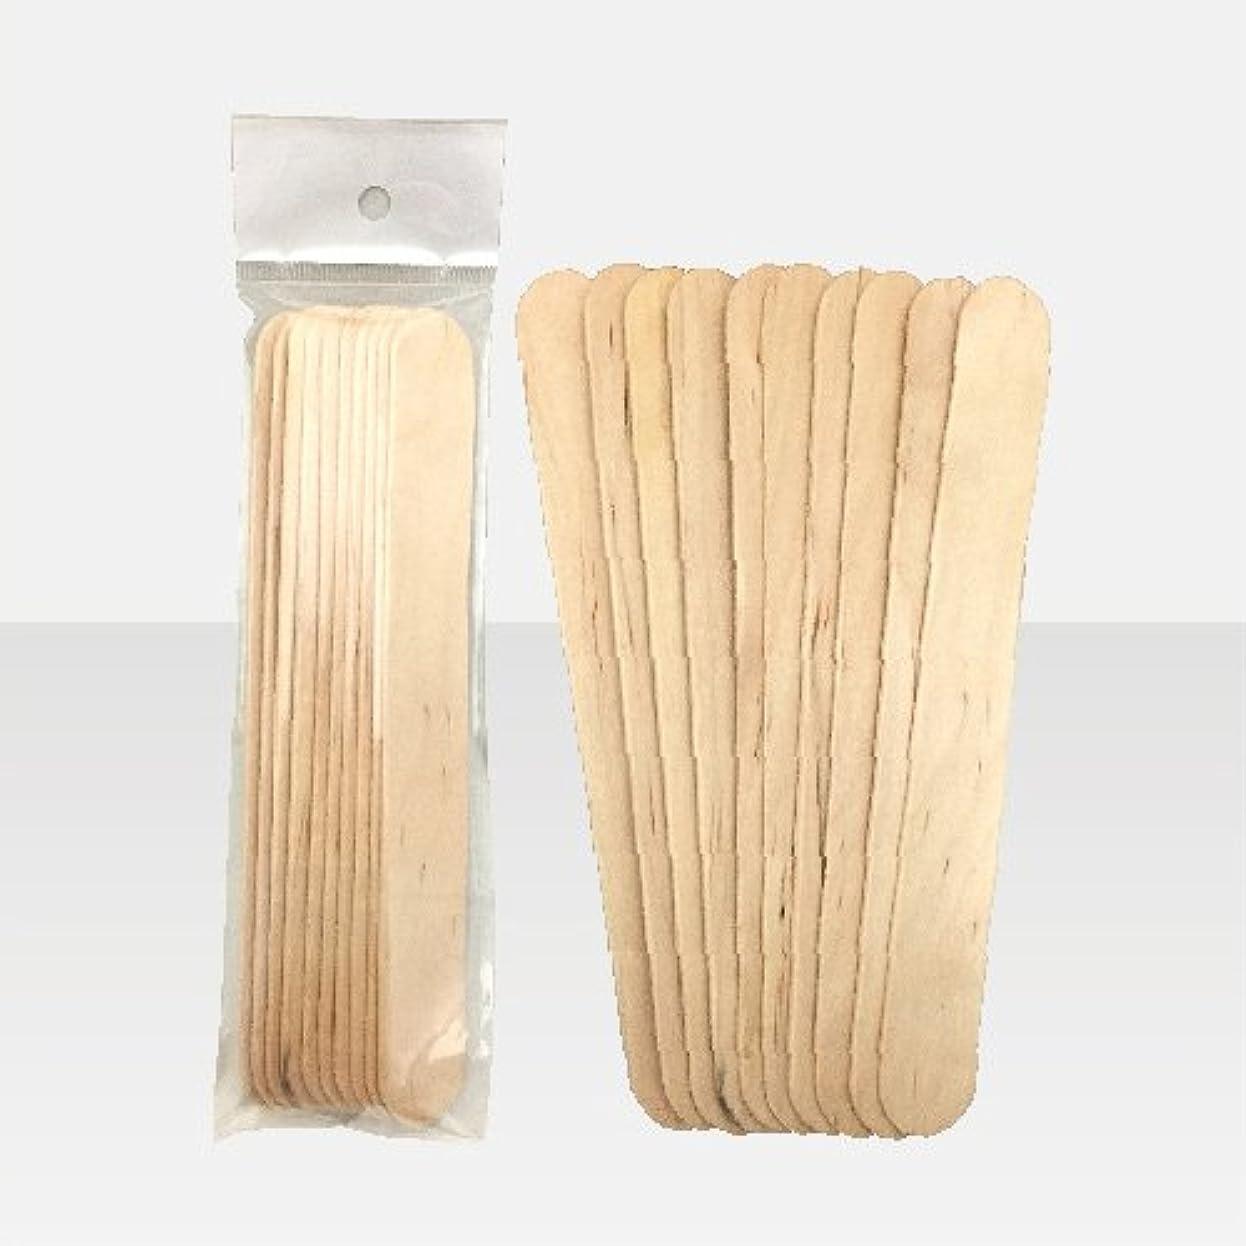 二度はずハイライトブラジリアンワックス 脱毛ワックス用  ワックススパチュラ 木ベラ /10本セット Mサイズ